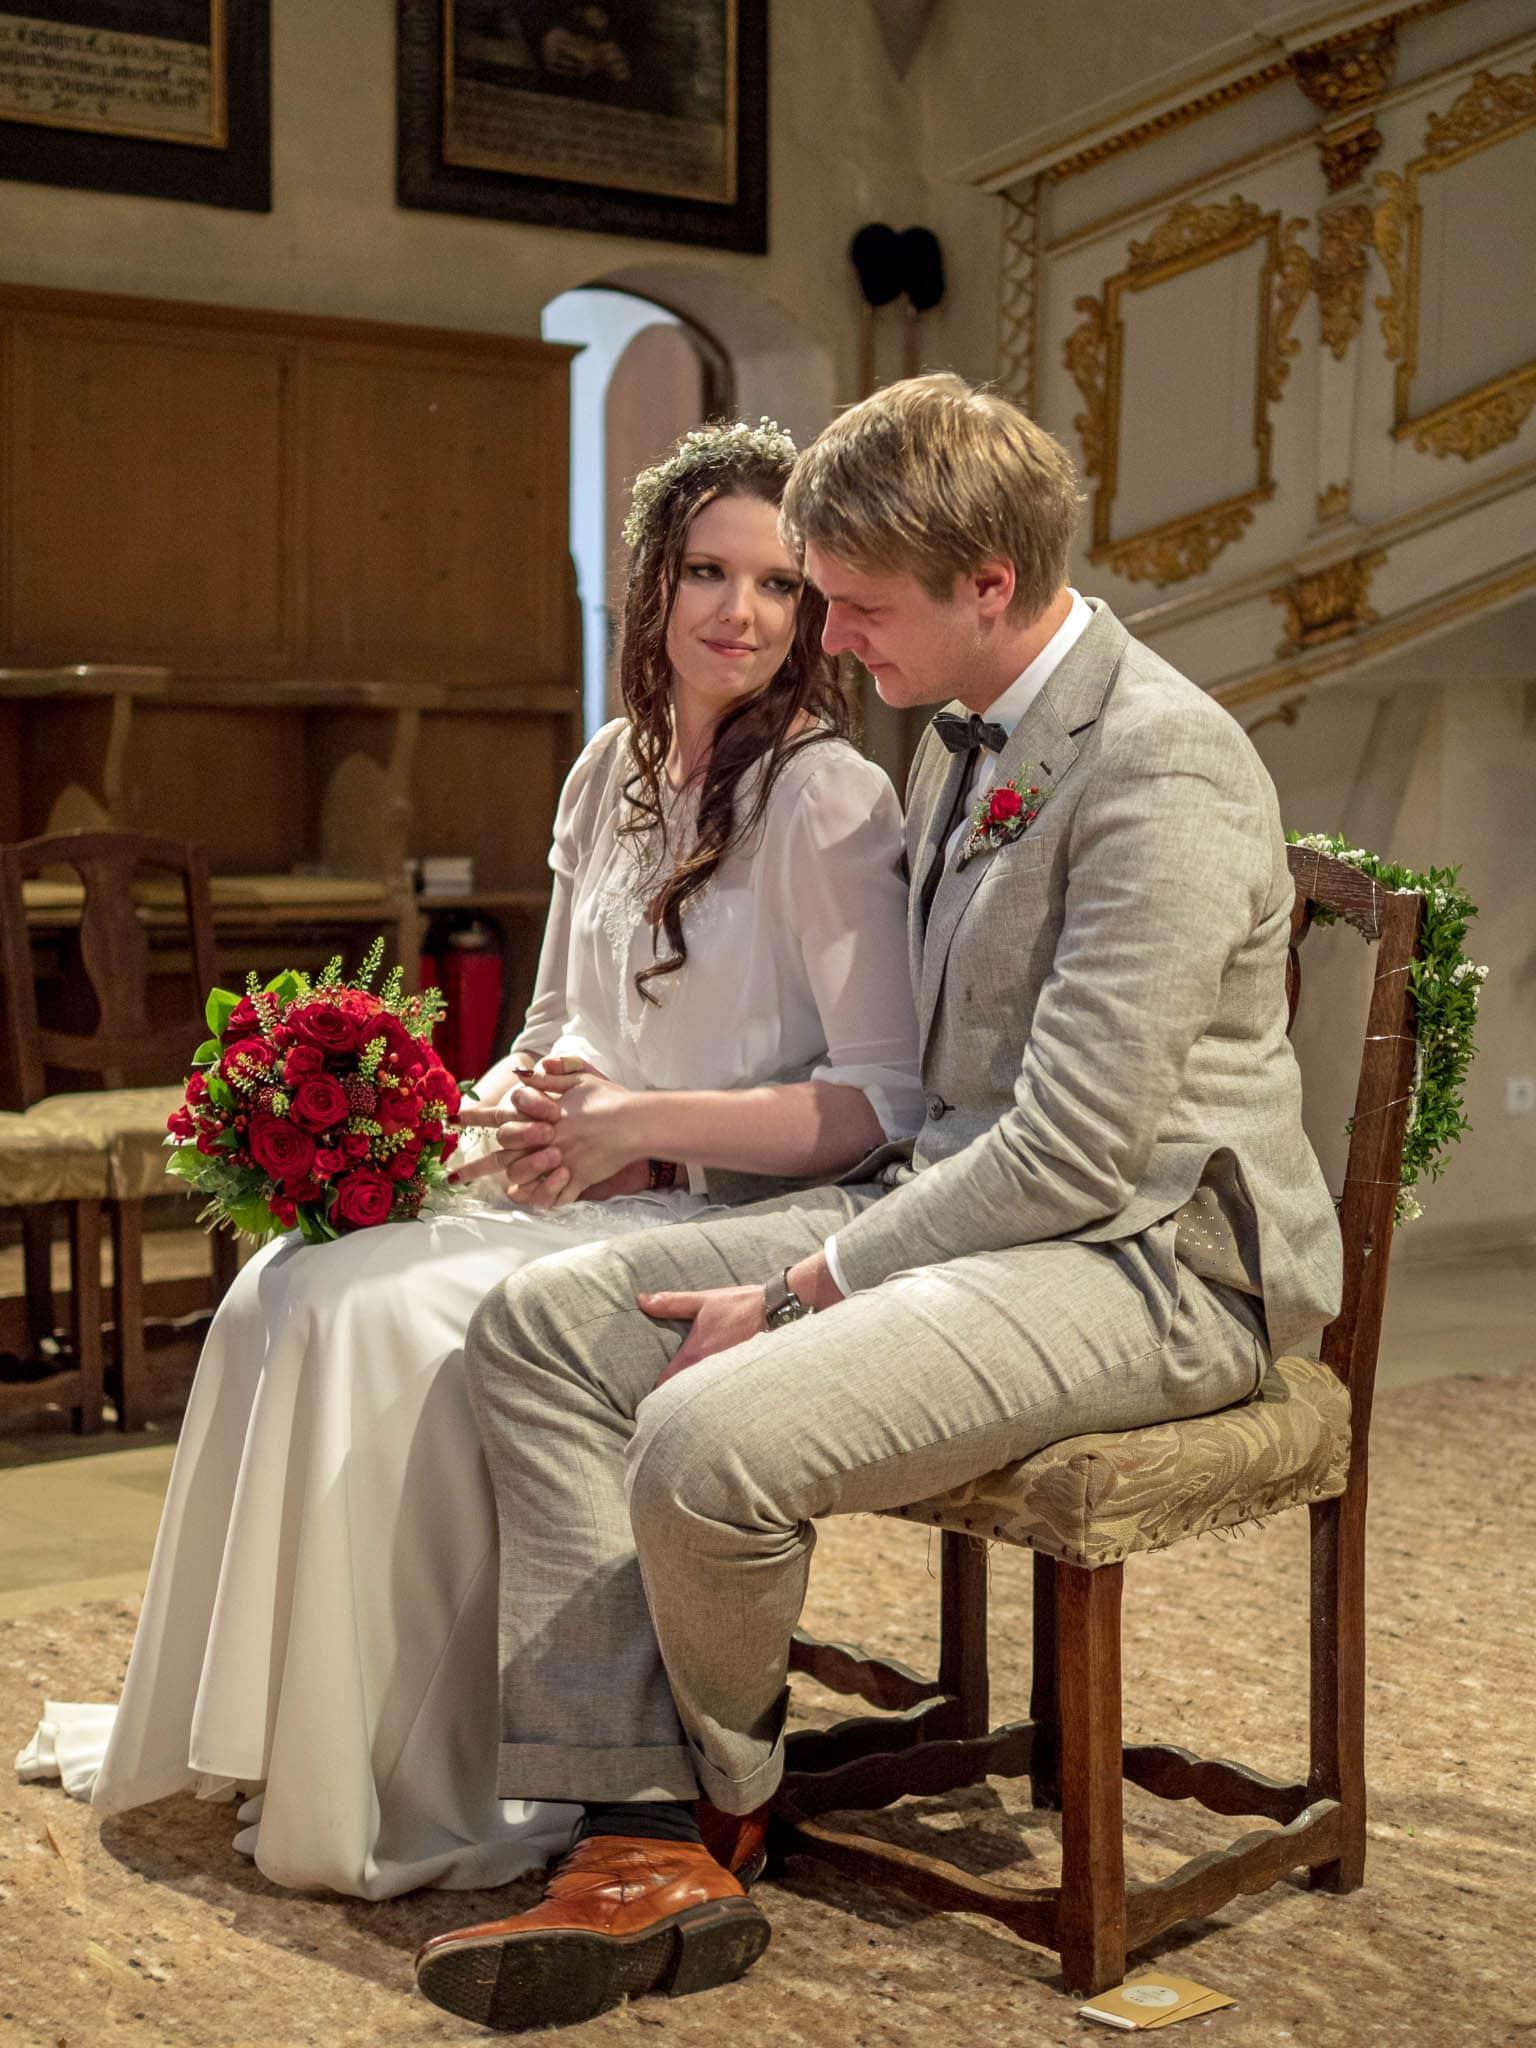 Hochzeit Fotoshooting buchen